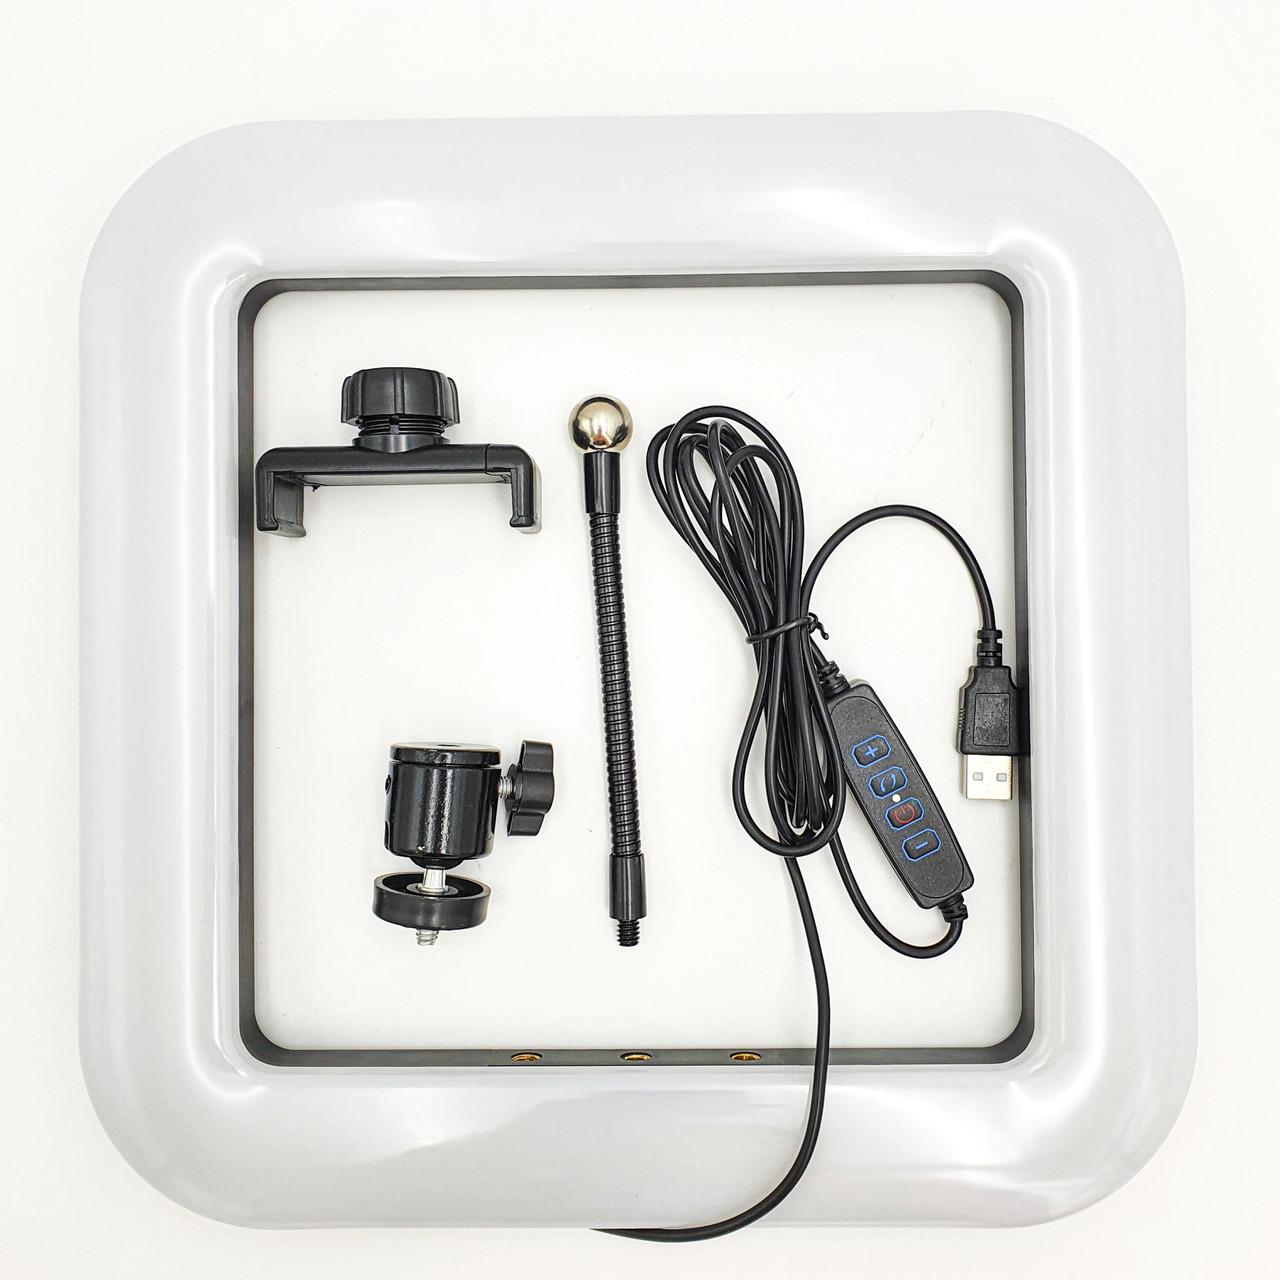 Квадратная LED лампа 28 см 34W с держателем для телефона селфи кольцо блогера регулировка яркости и